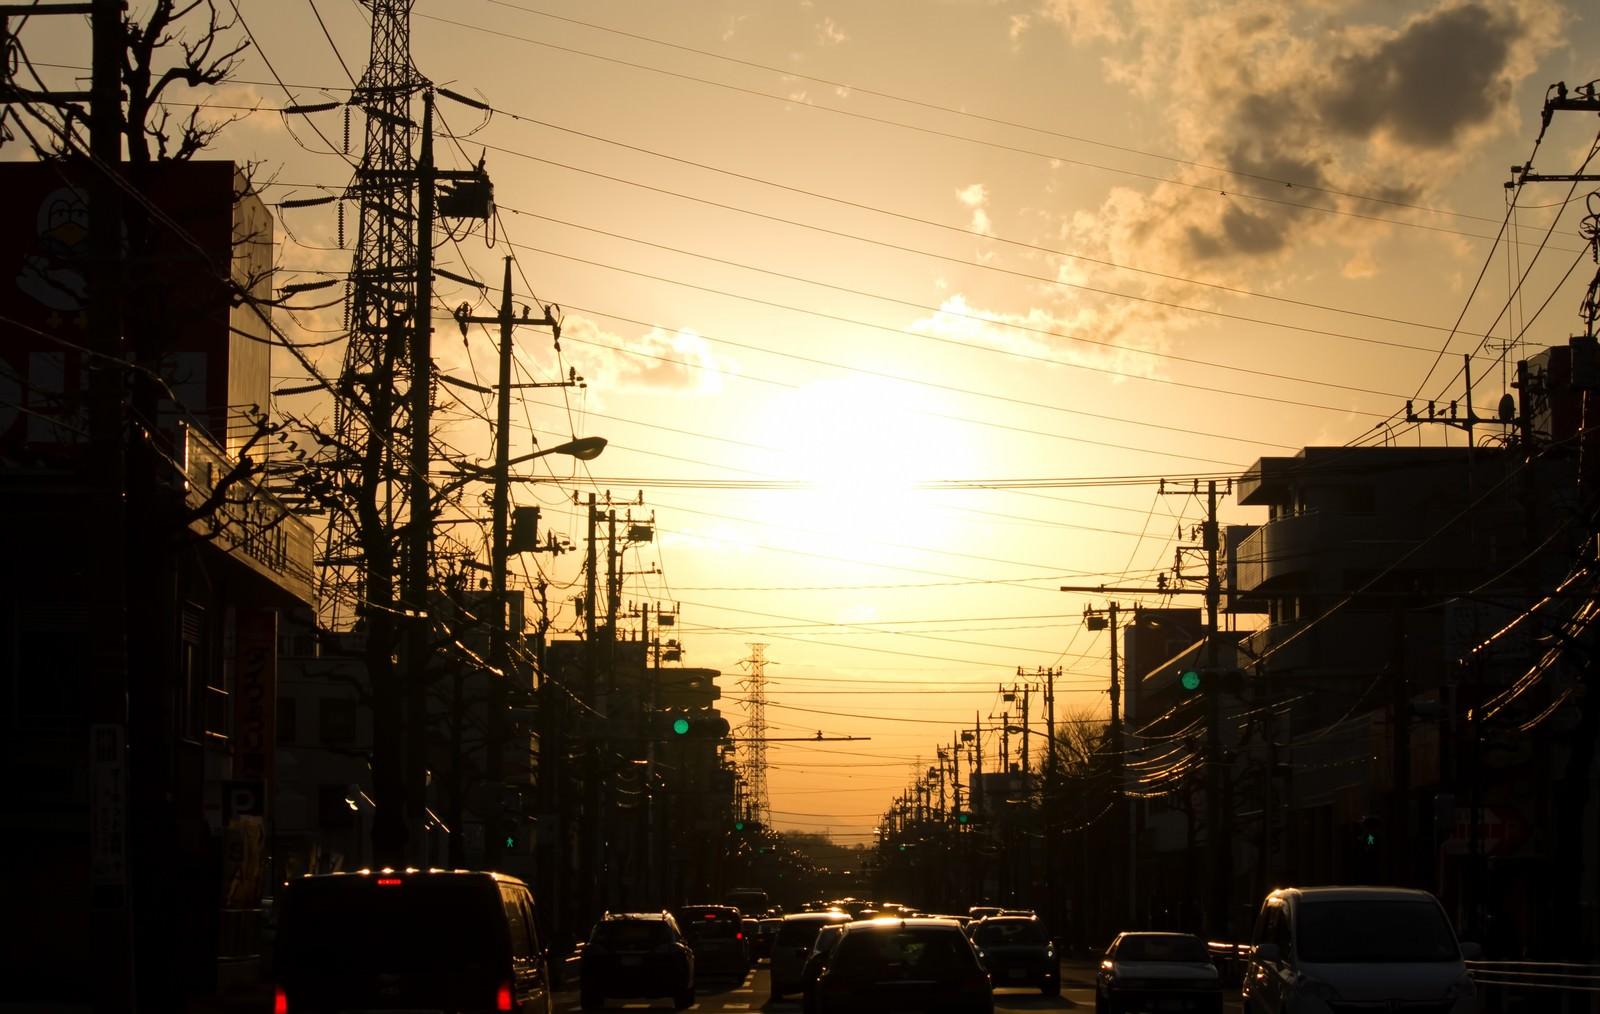 「夕暮れの渋滞夕暮れの渋滞」のフリー写真素材を拡大